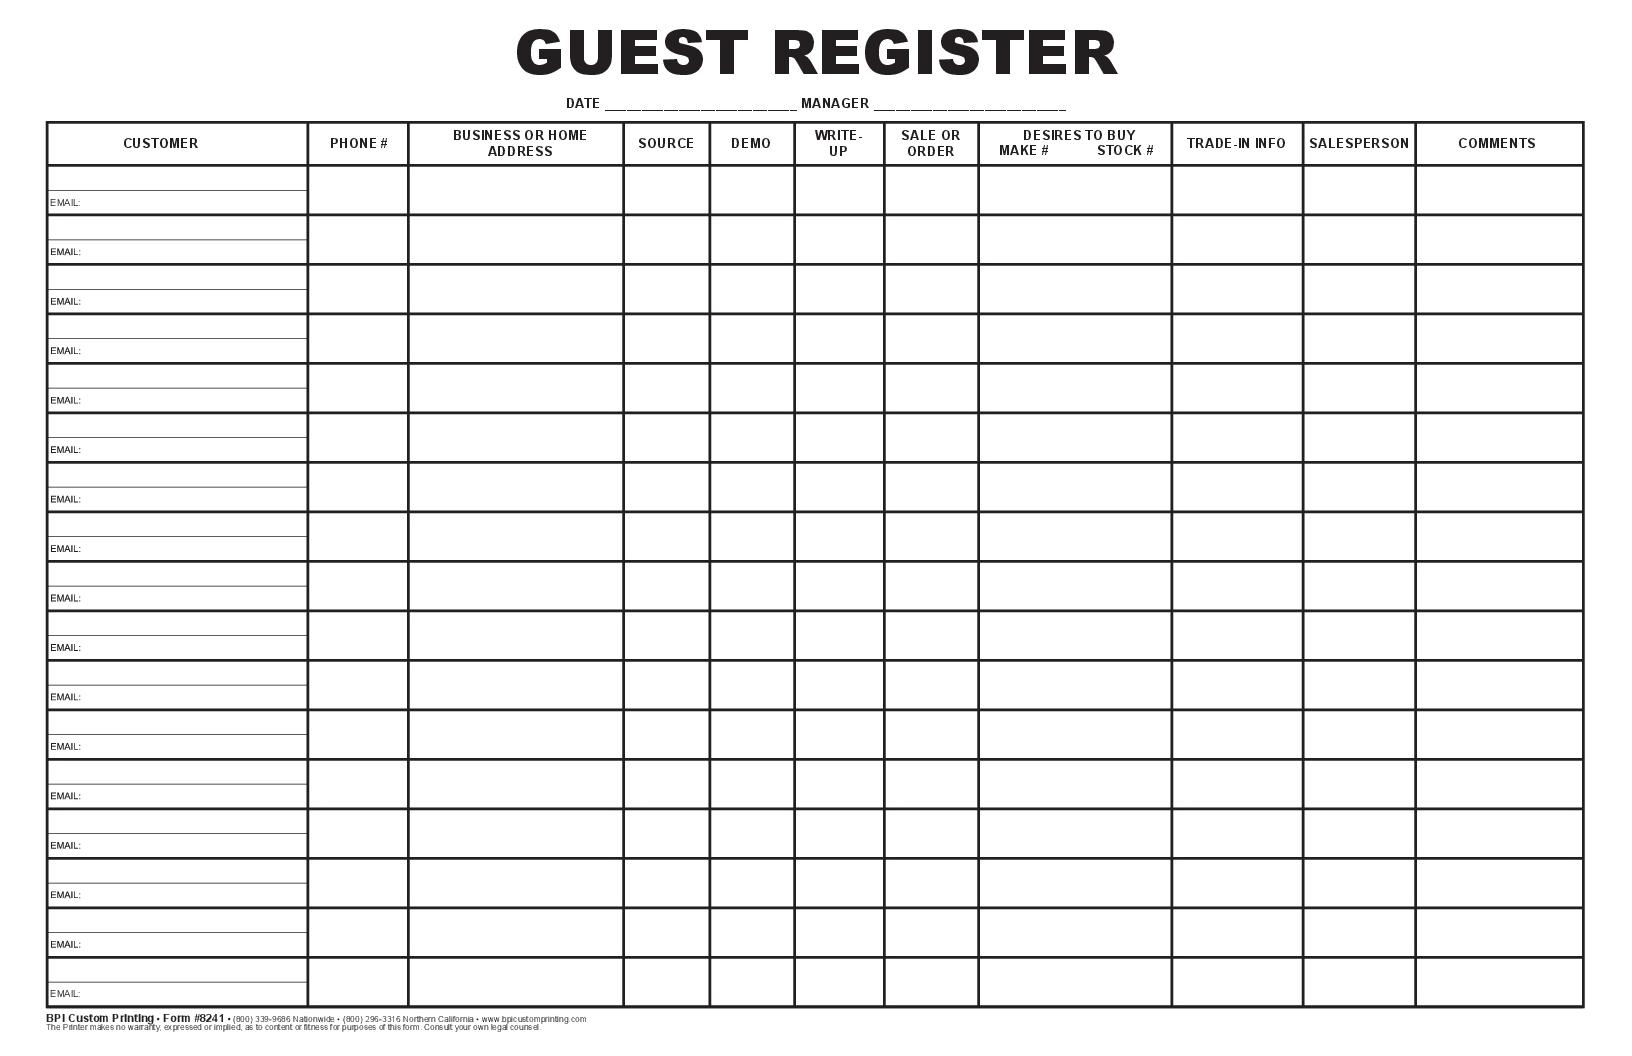 call register template - guest register log bpi dealer supplies